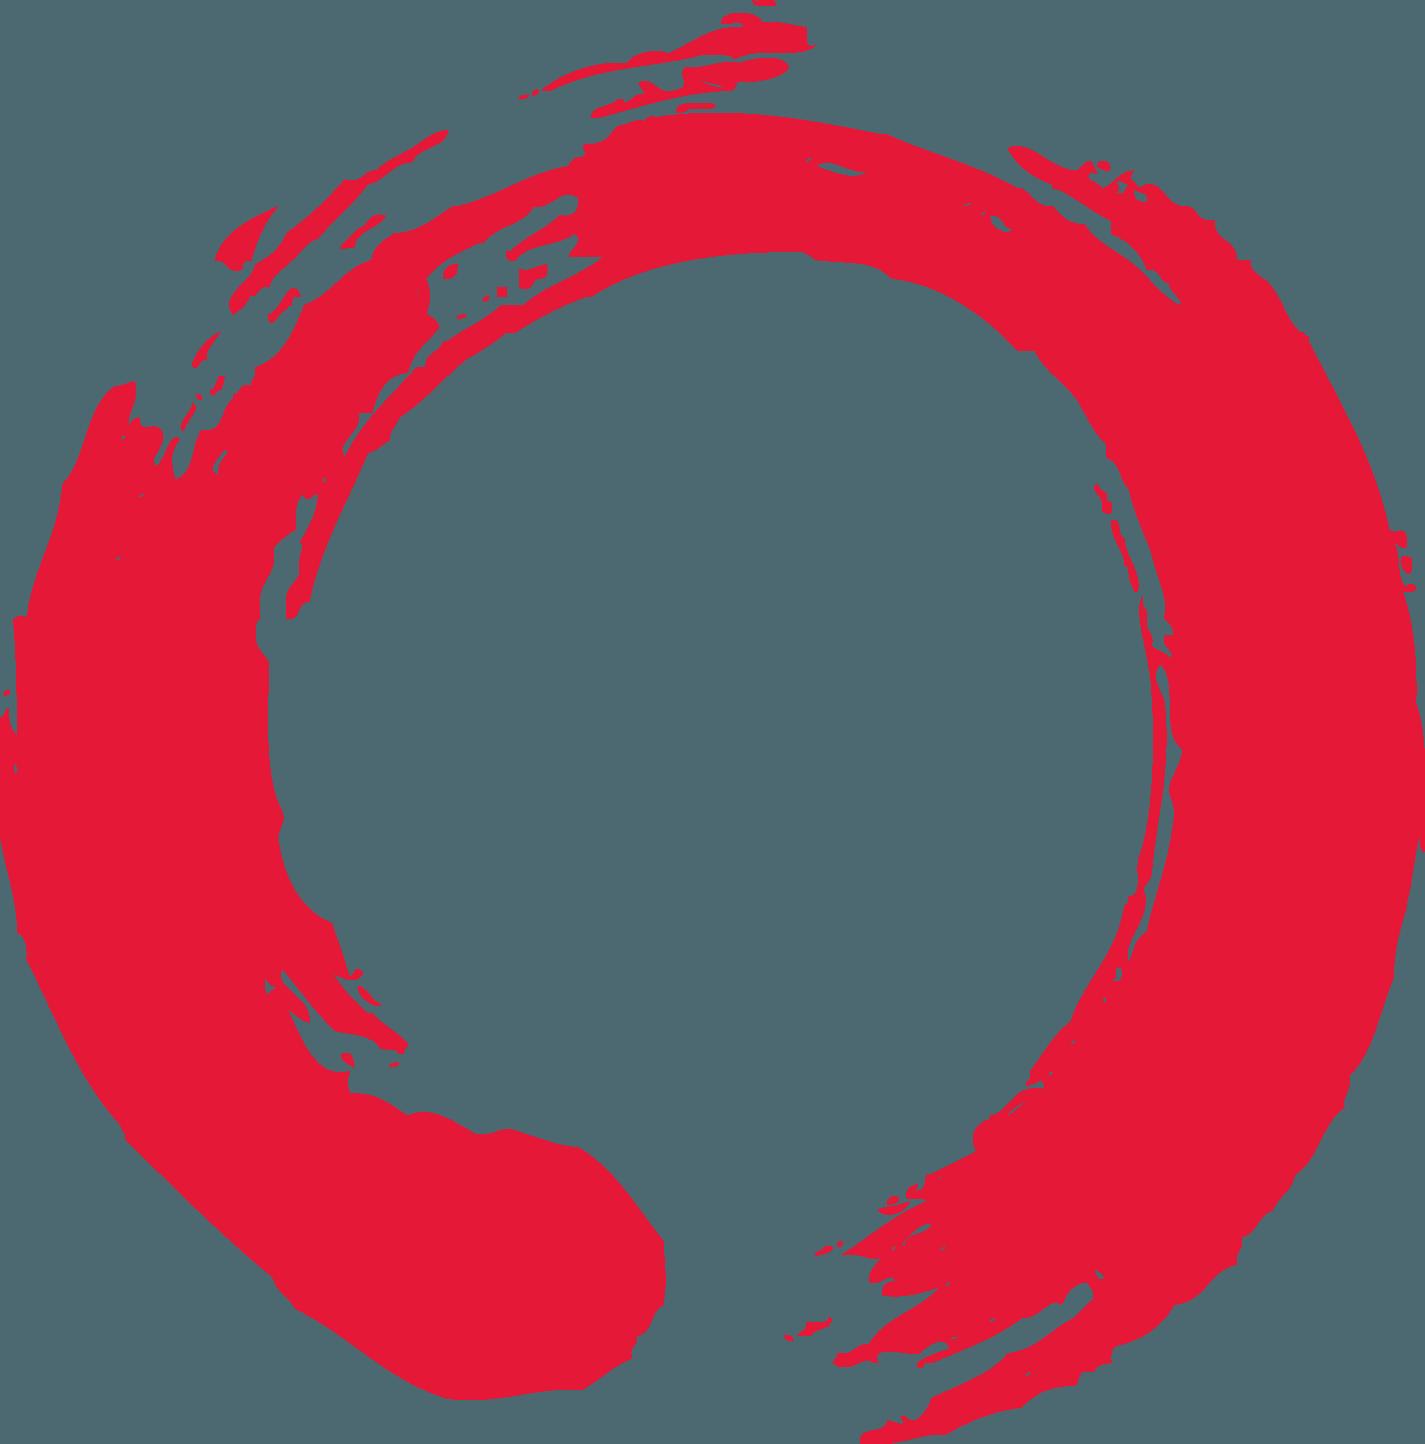 Circle PNG - 25483